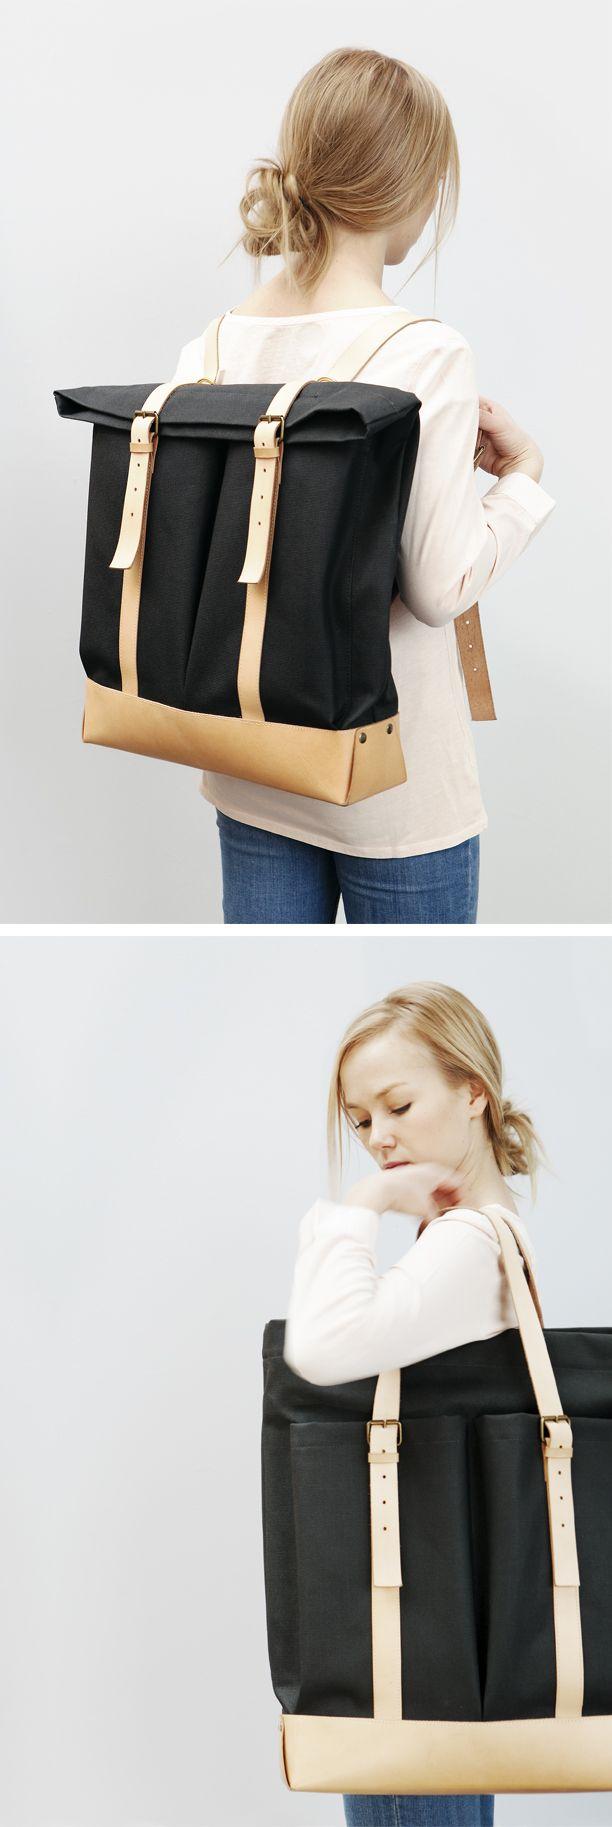 Big bag, Small bag - NEO-FUNKKIS